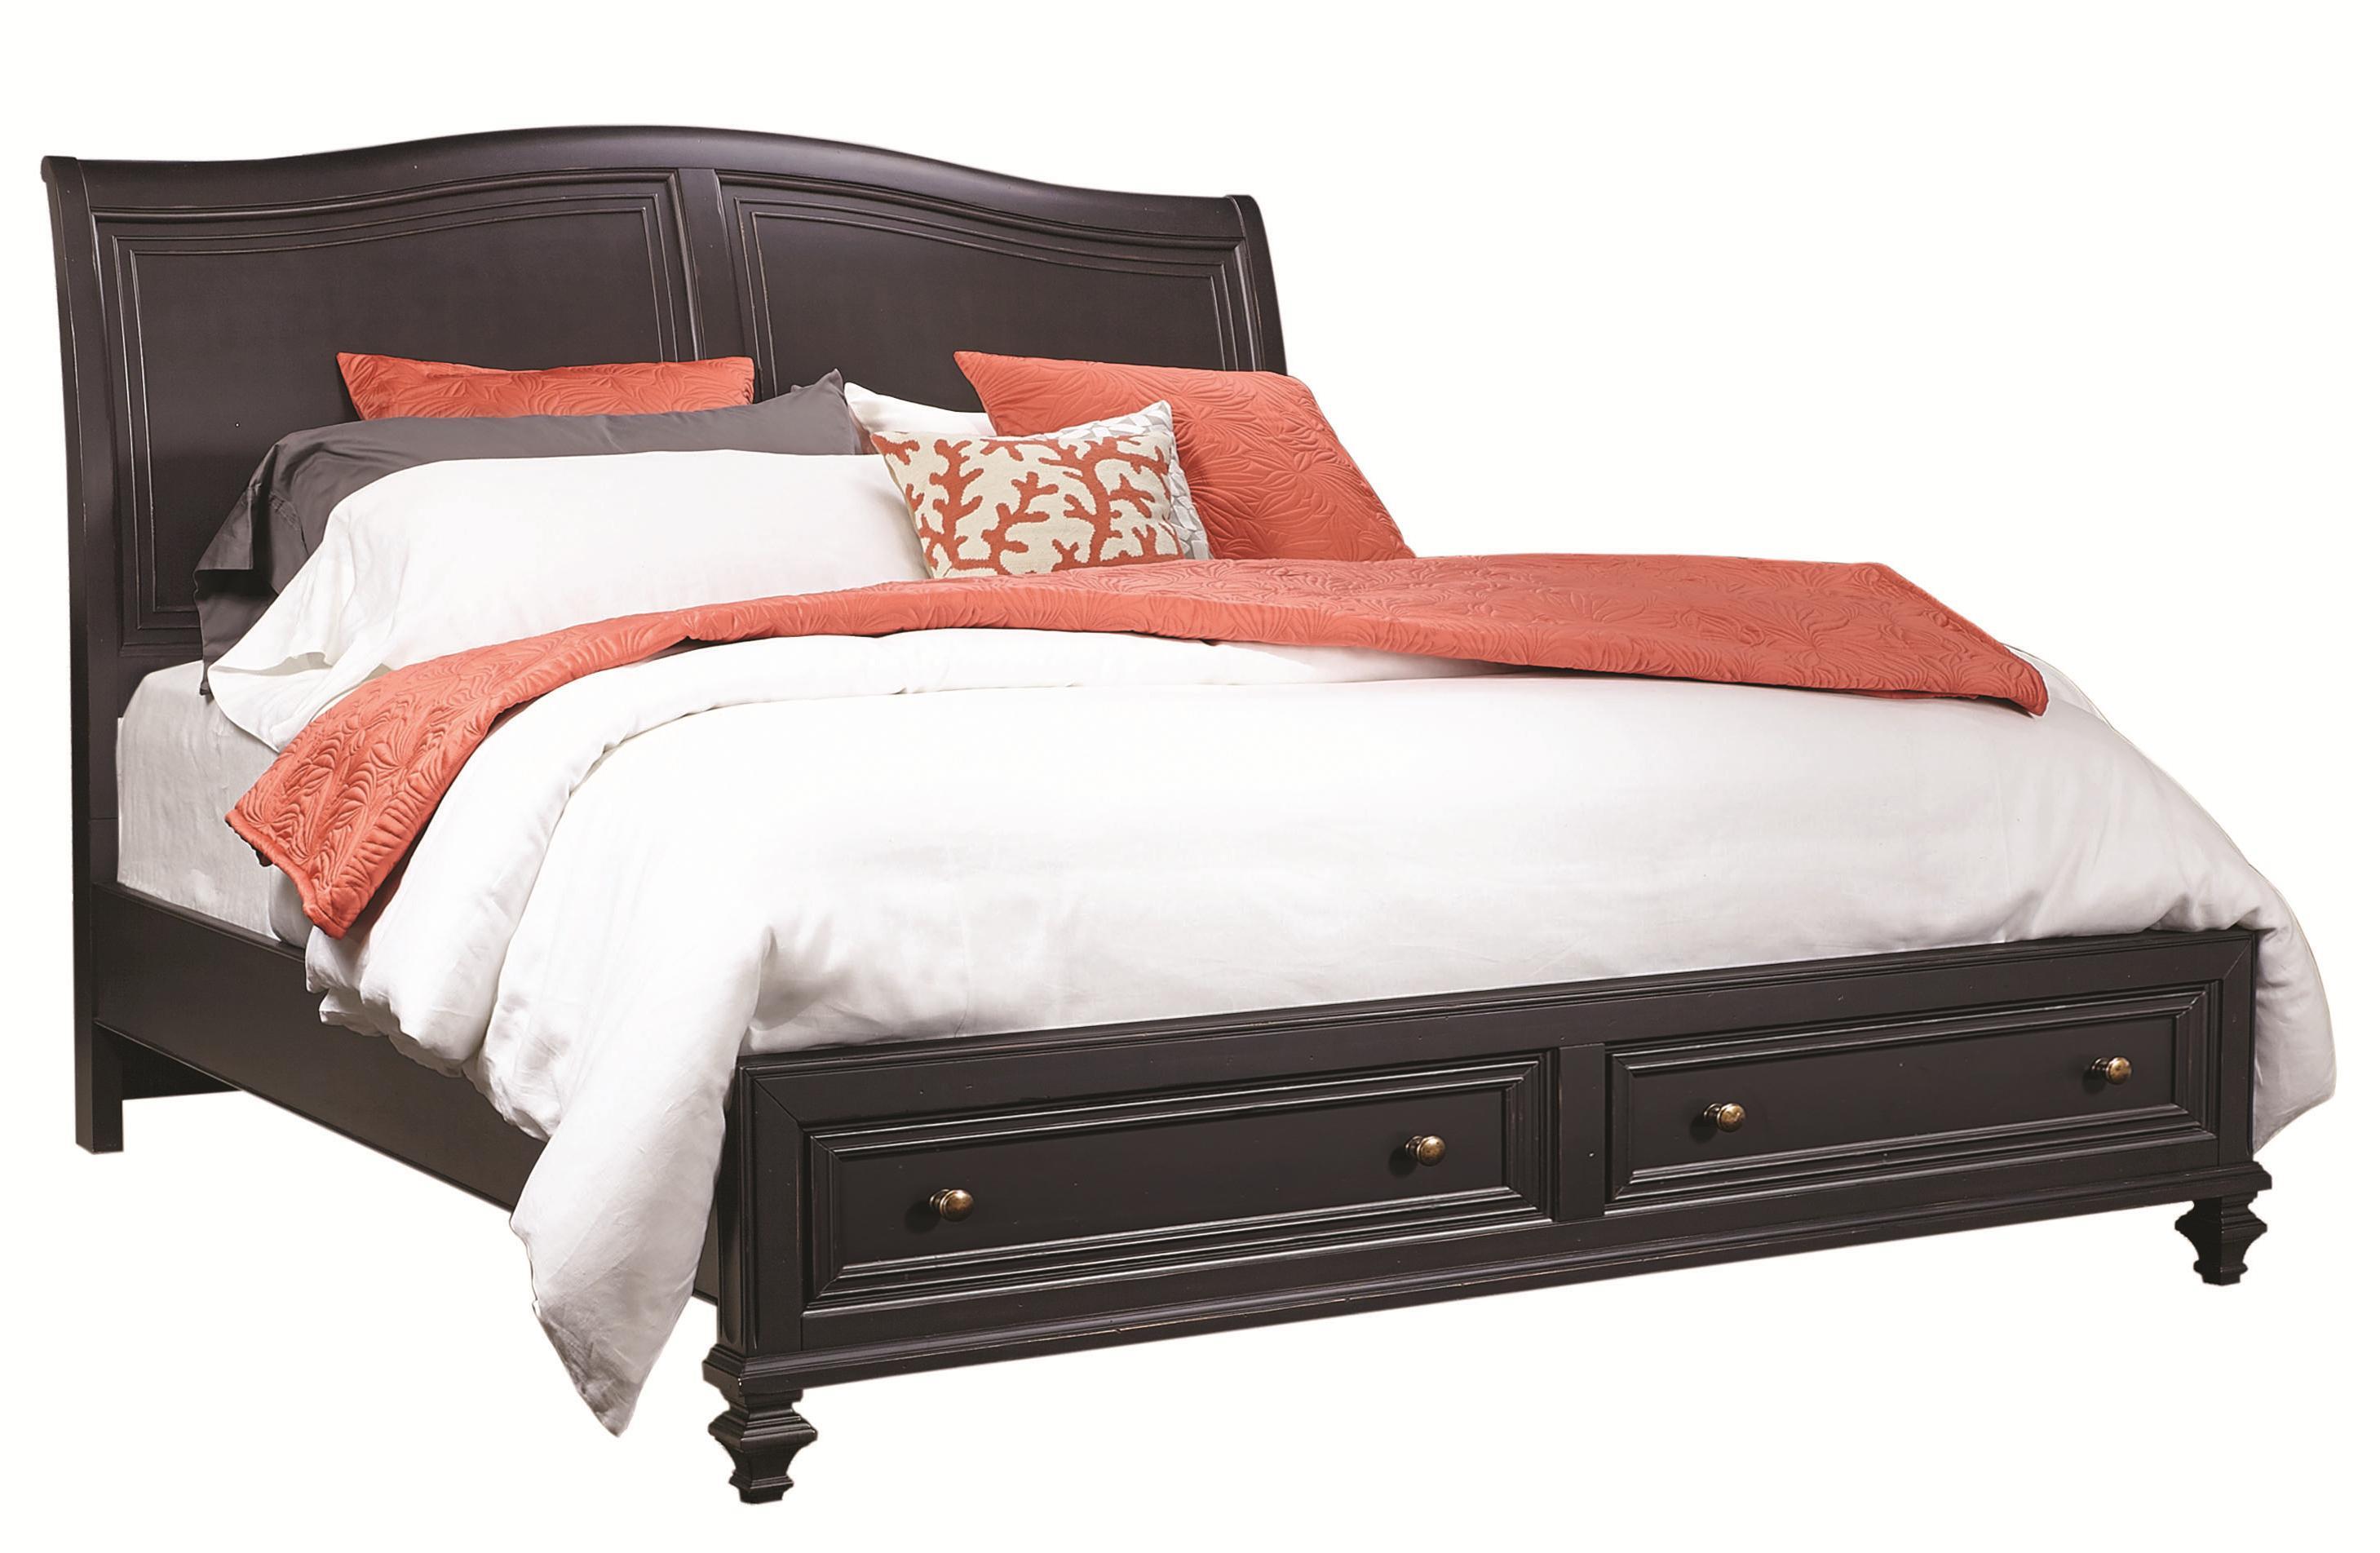 Aspenhome Ravenwood California King Bed - Item Number: I65-404+407D+410